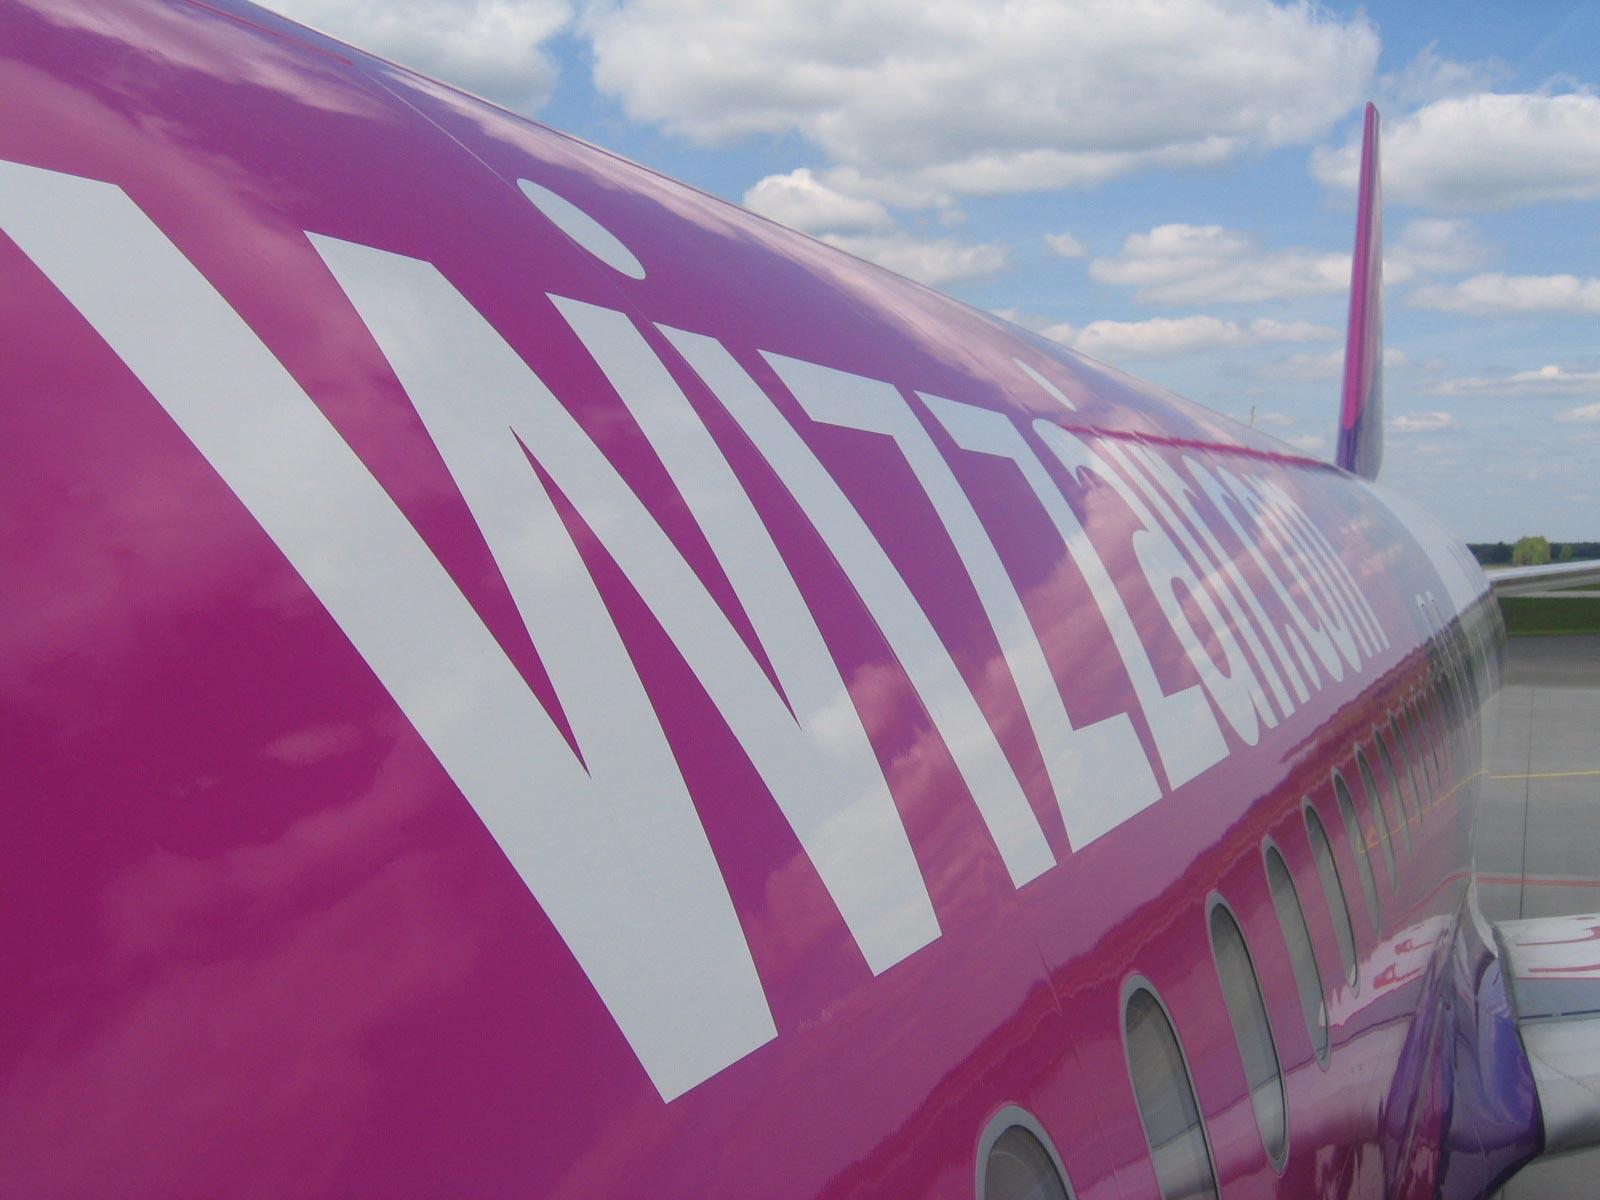 Wizz Air da su apoyo a la candidatura olímpica de Budapest en 2024 pintando dos aviones con sus colores